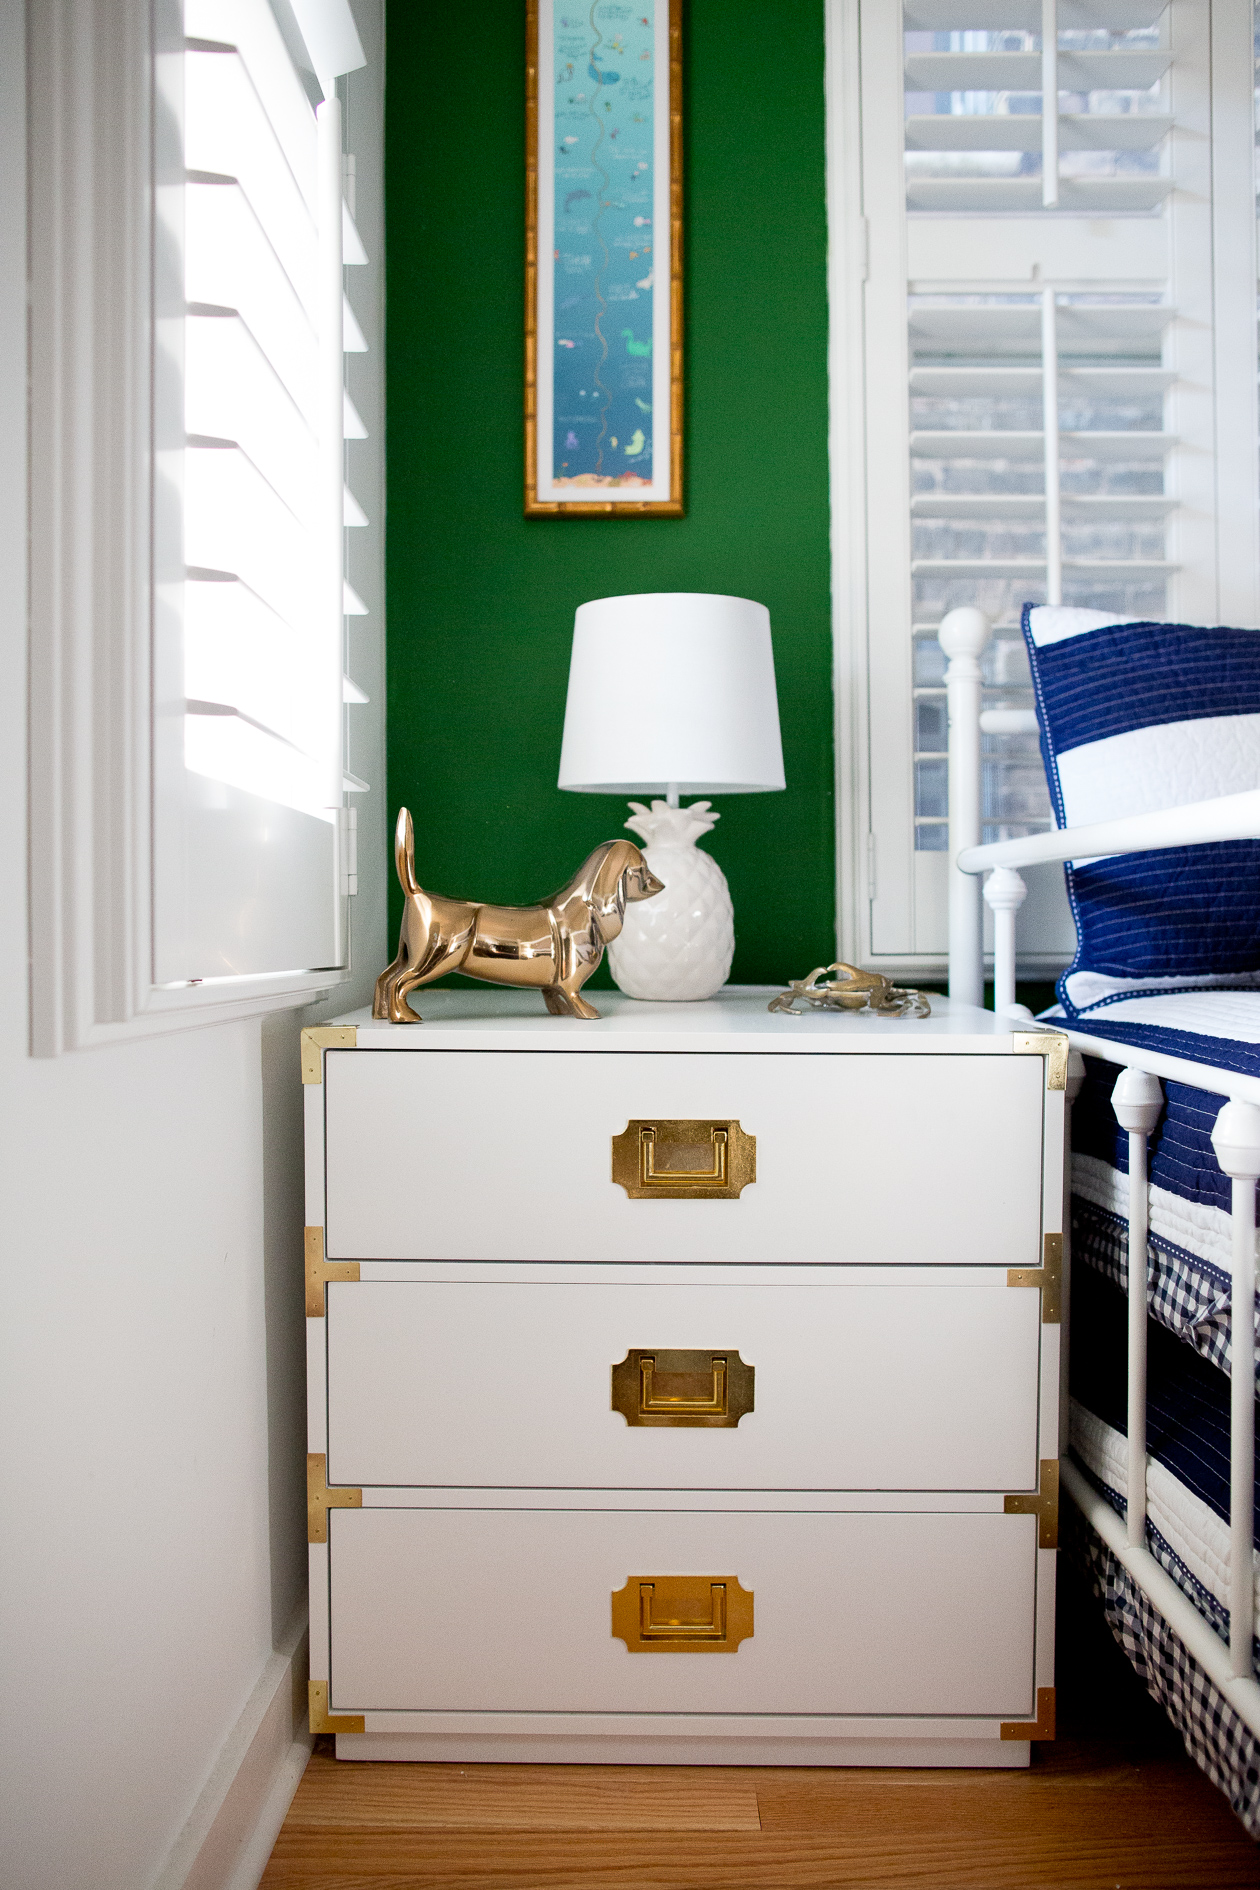 Preppy-green-walls-gold-frames-600-1.jpg